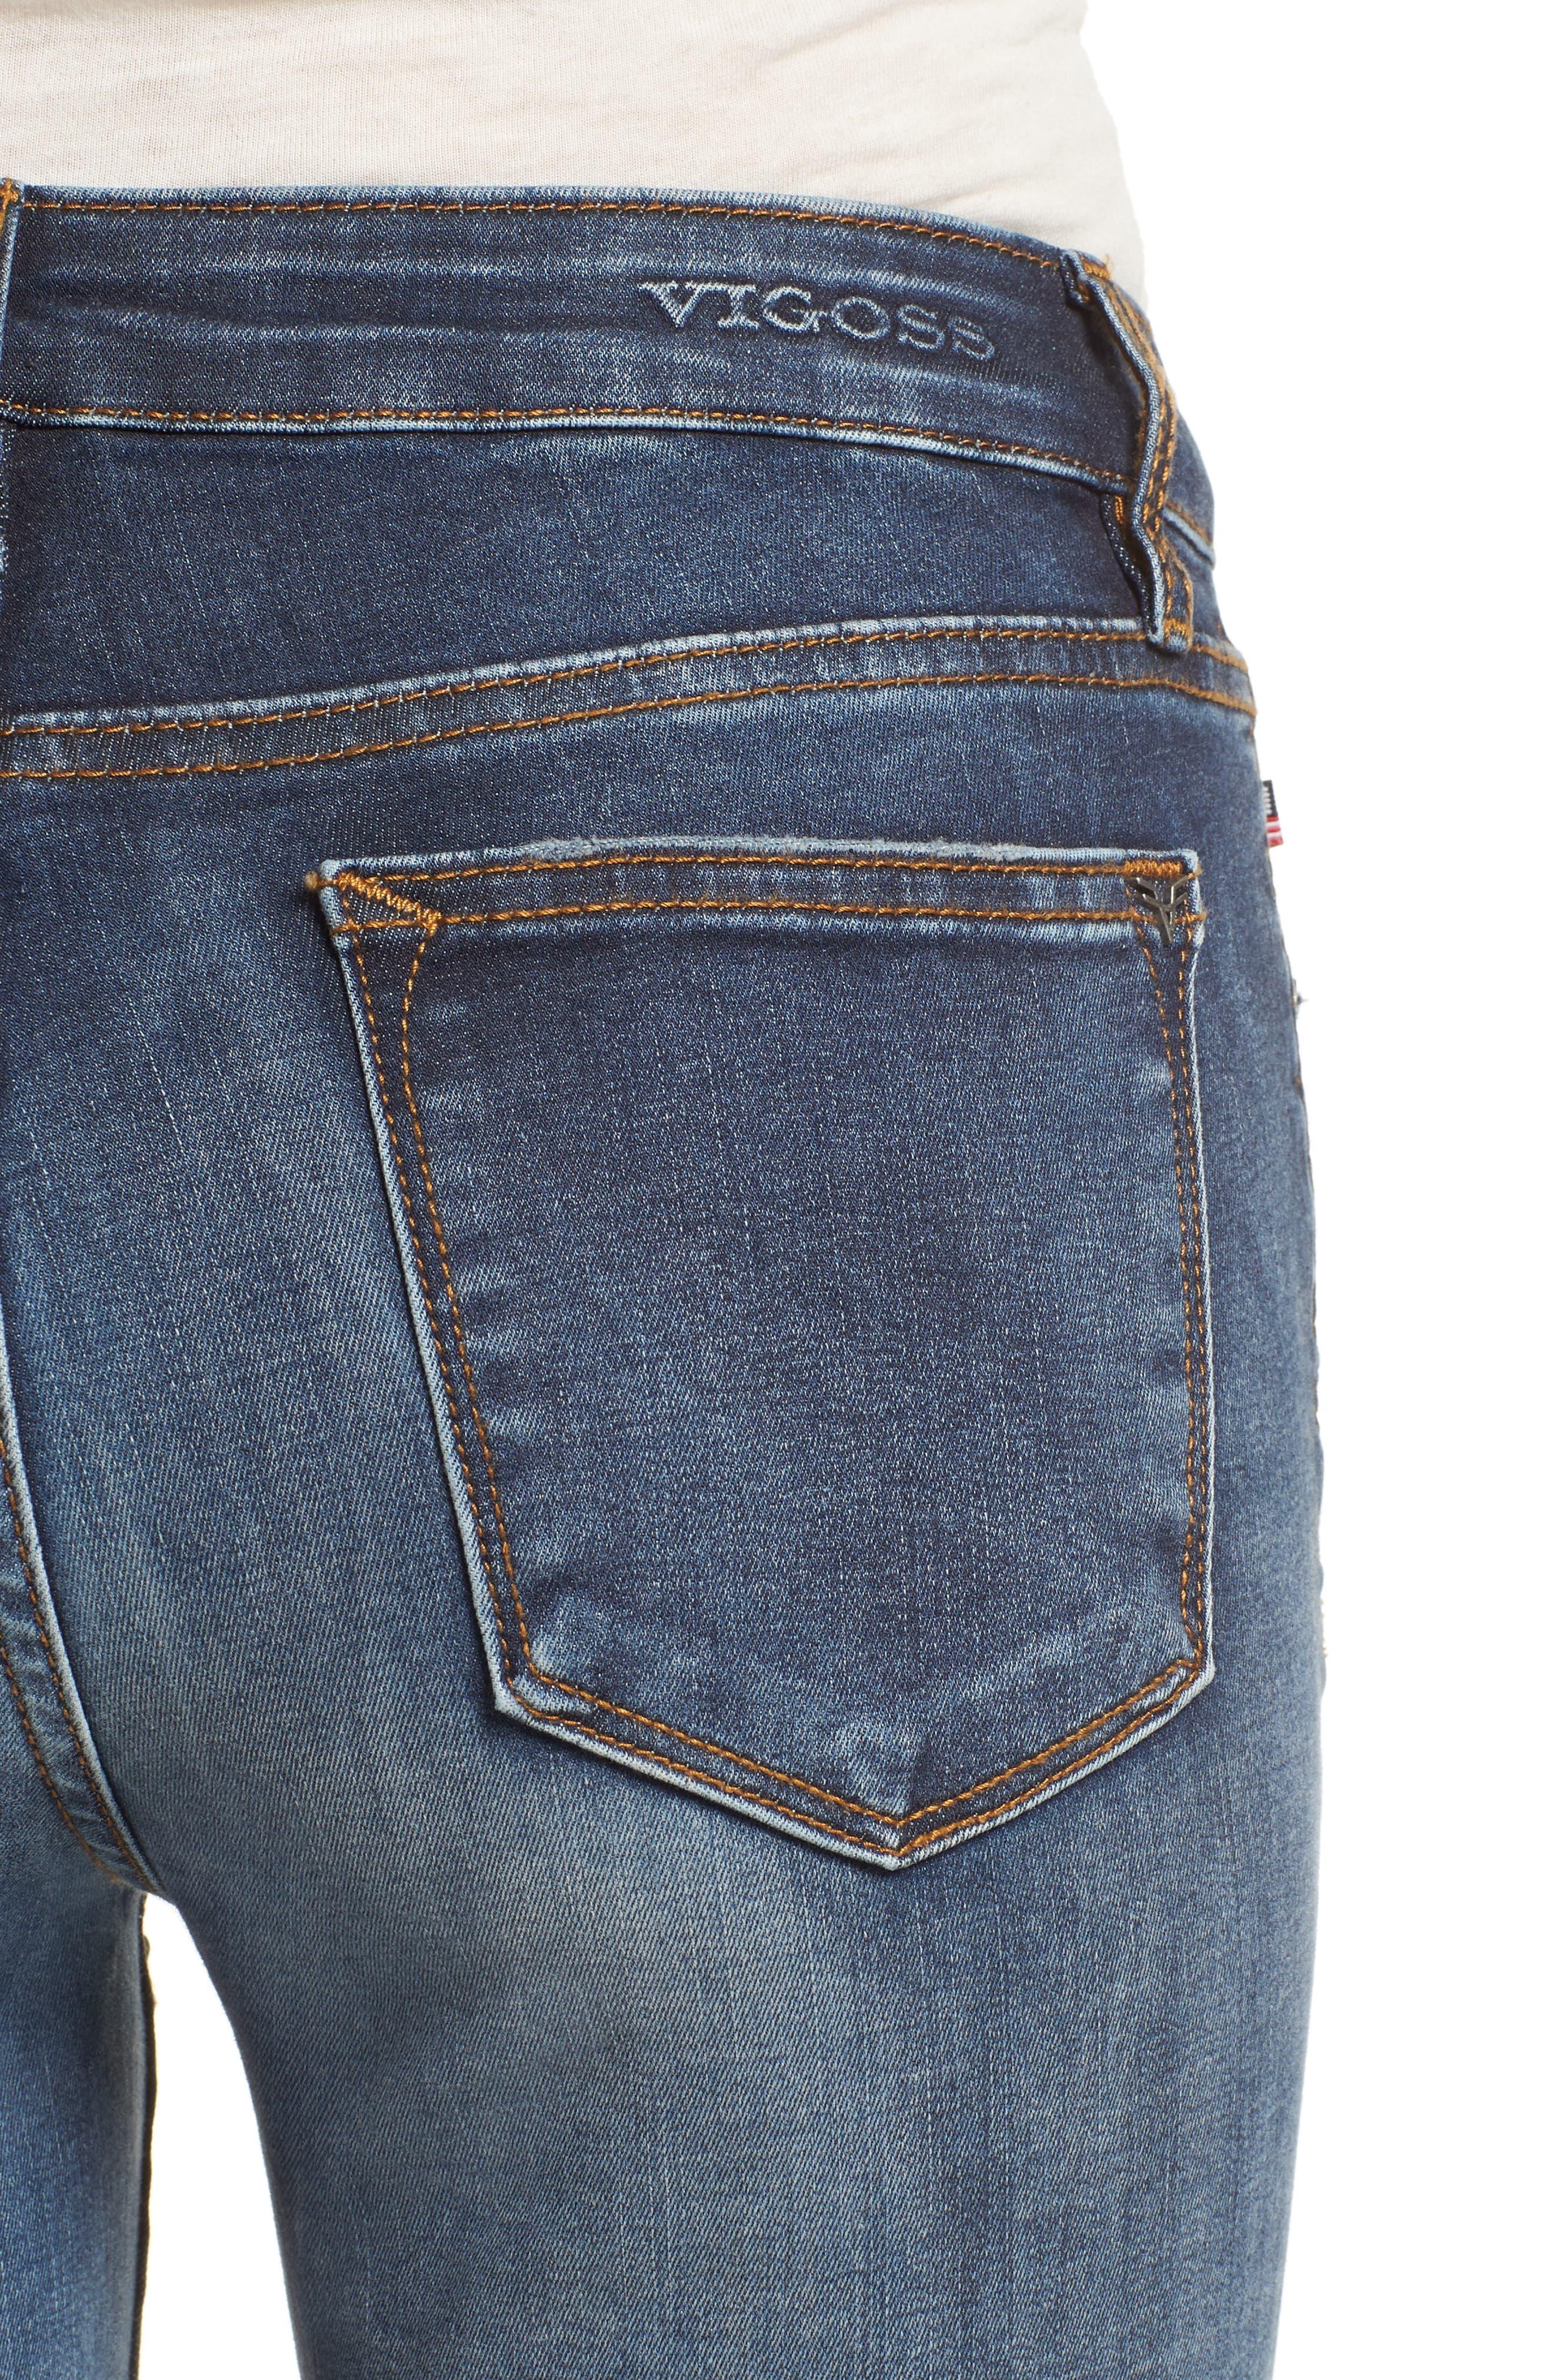 Alternate Image 4  - Vigoss Jagger Ripped Skinny Jeans